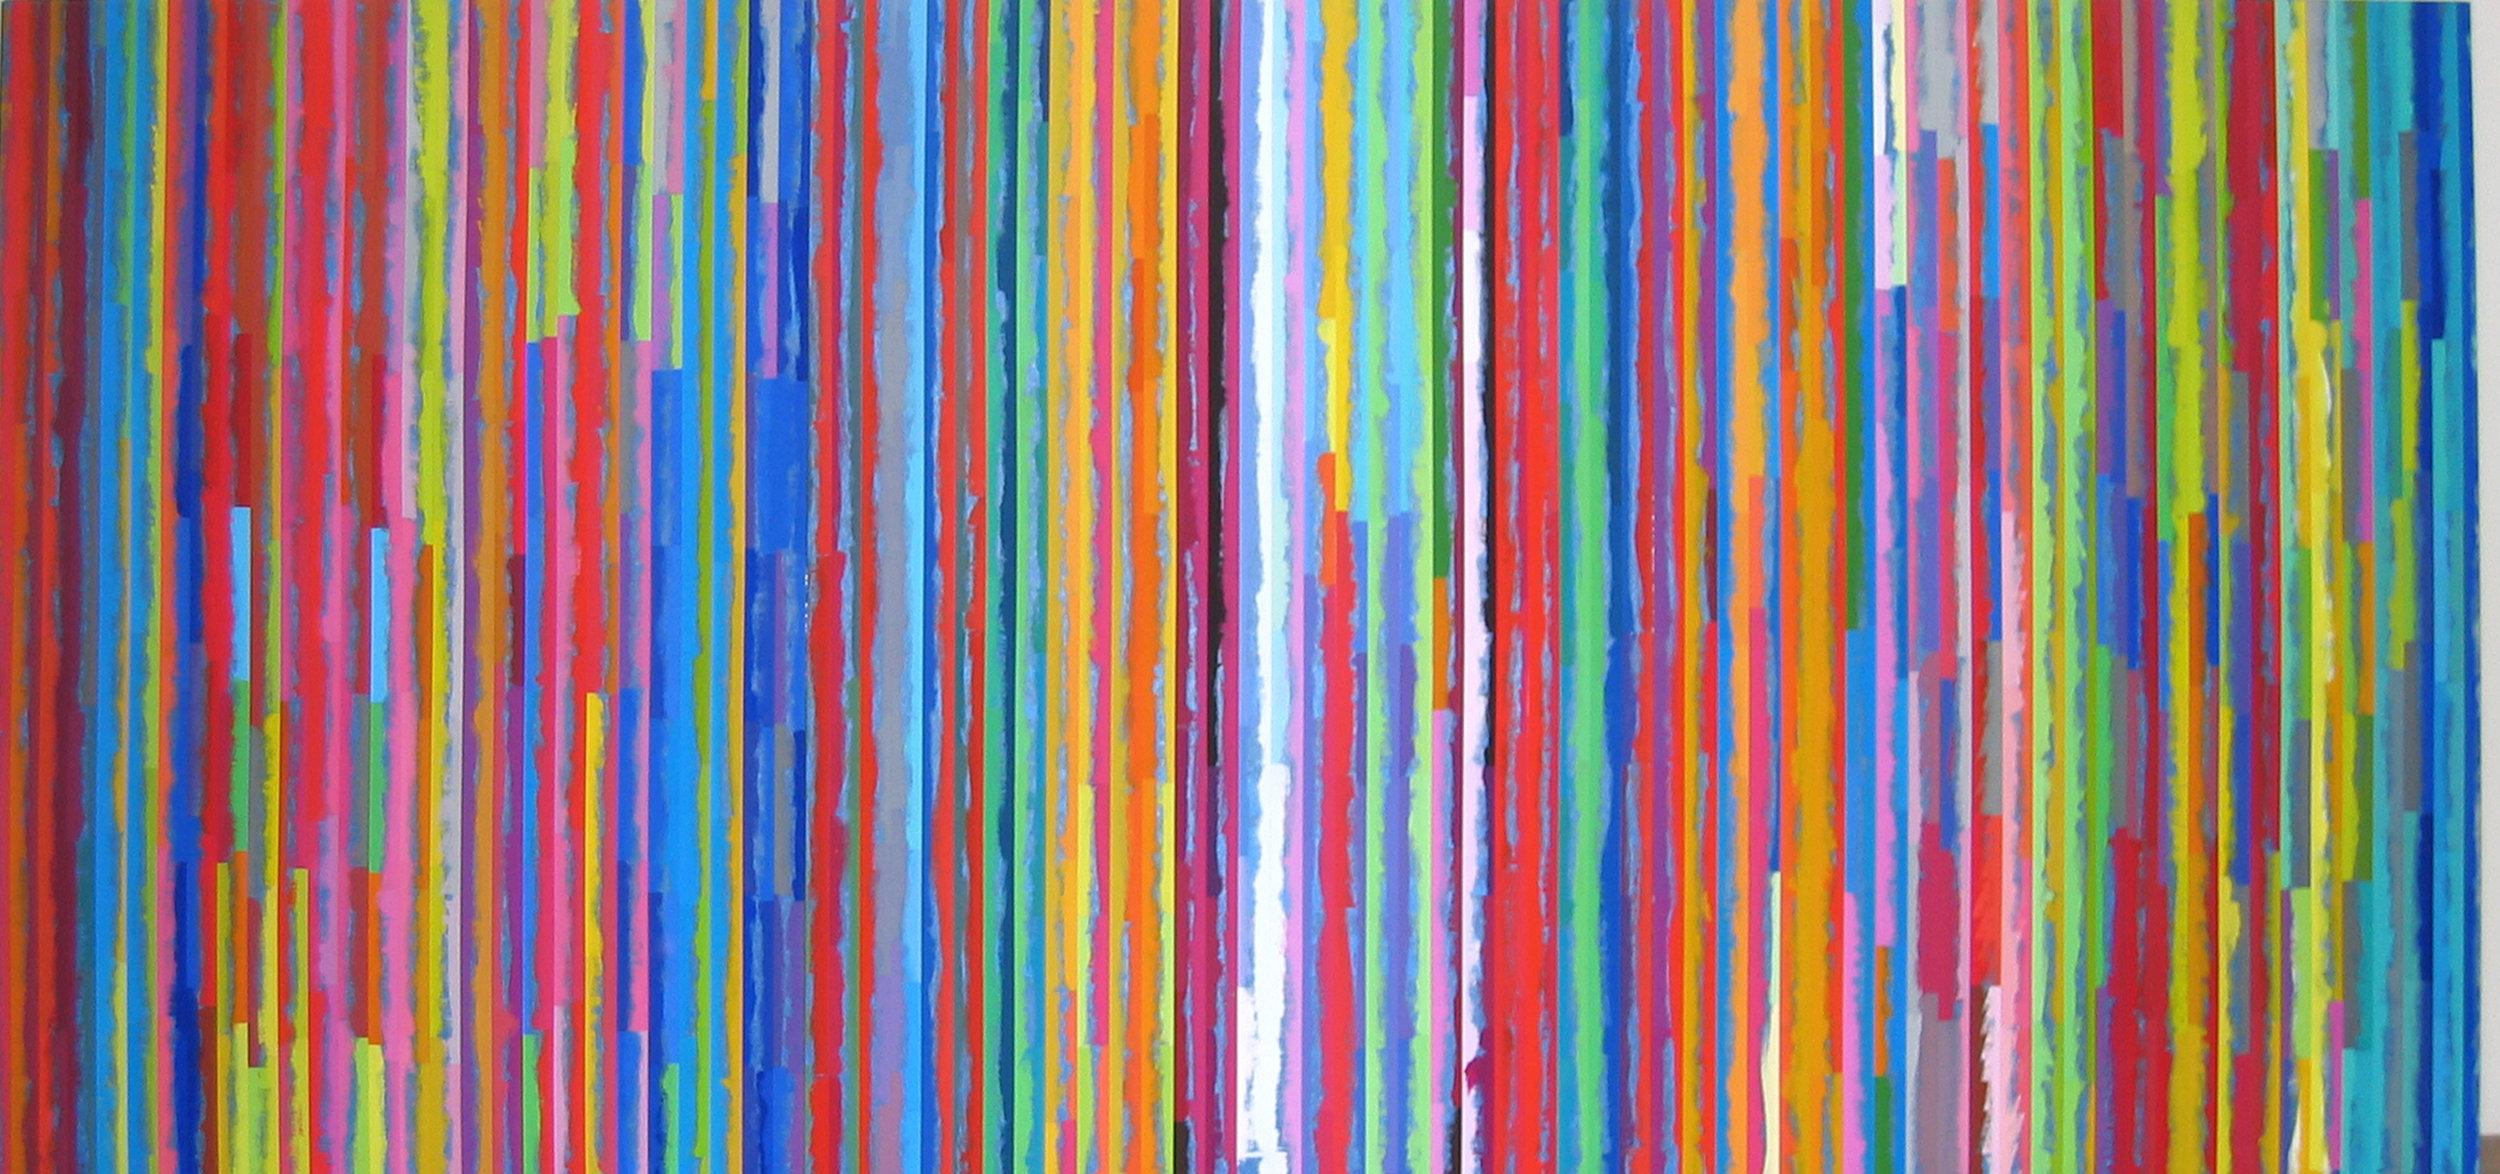 ROBERT OWEN   Spent Light I  2005 Polymer paint, wood & aluminium 102 x 152 cm